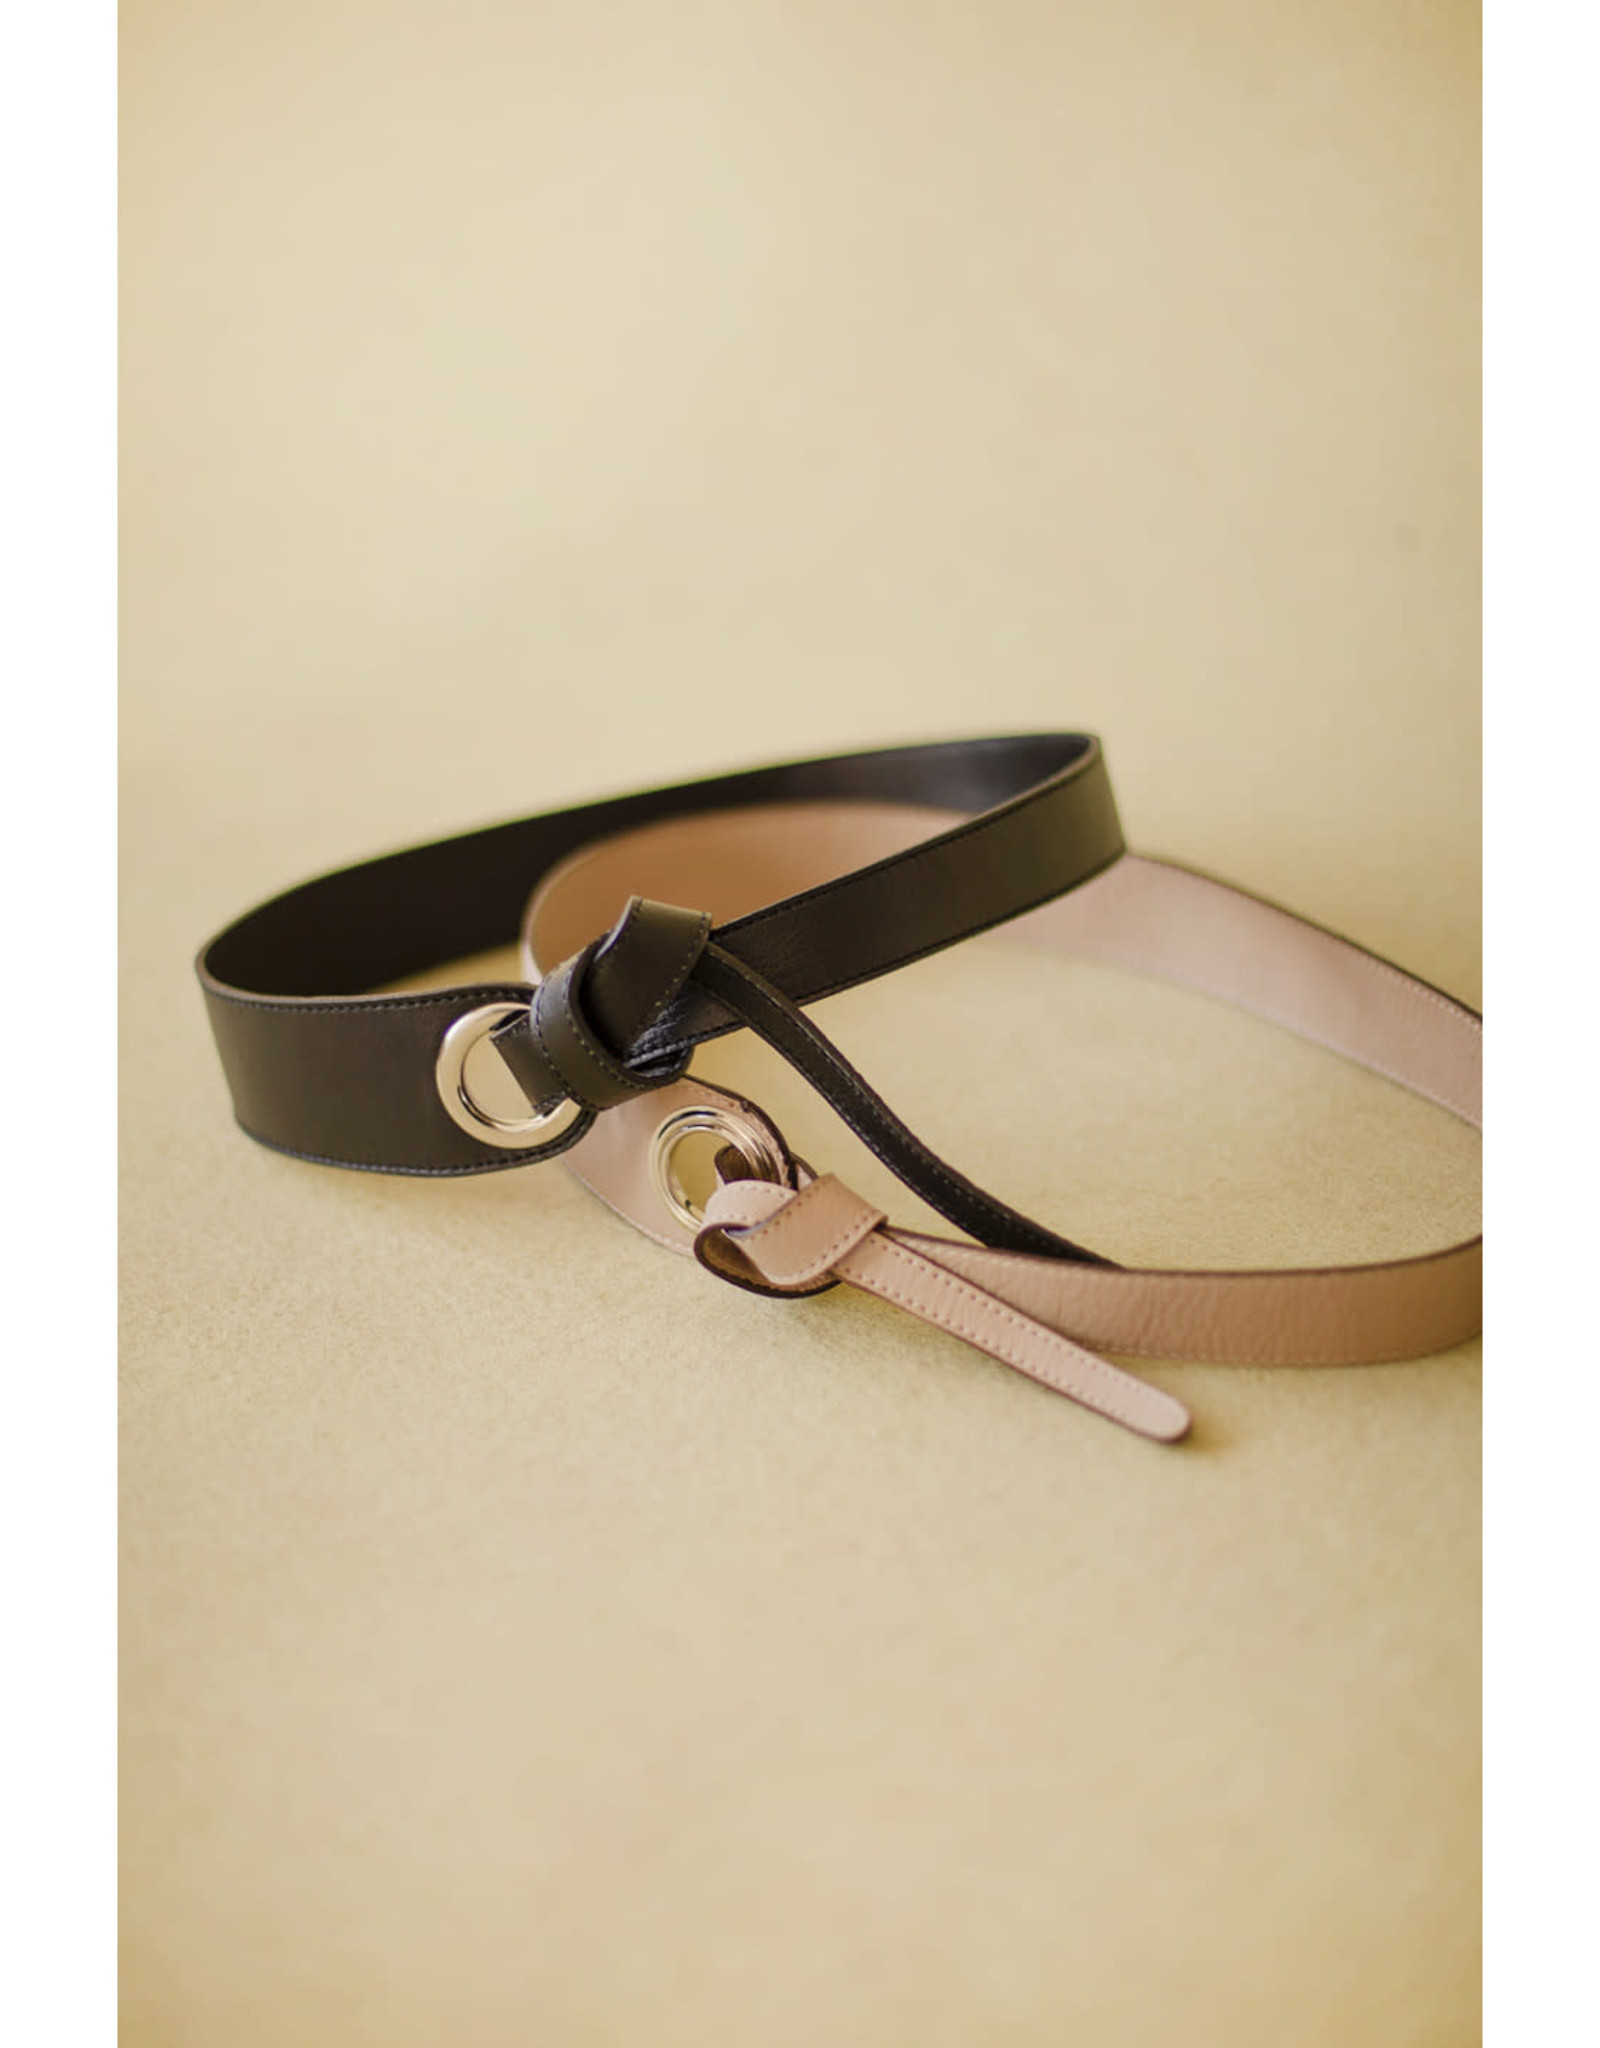 Mus & BomBon Mus & BomBon - Geuda belt (black)